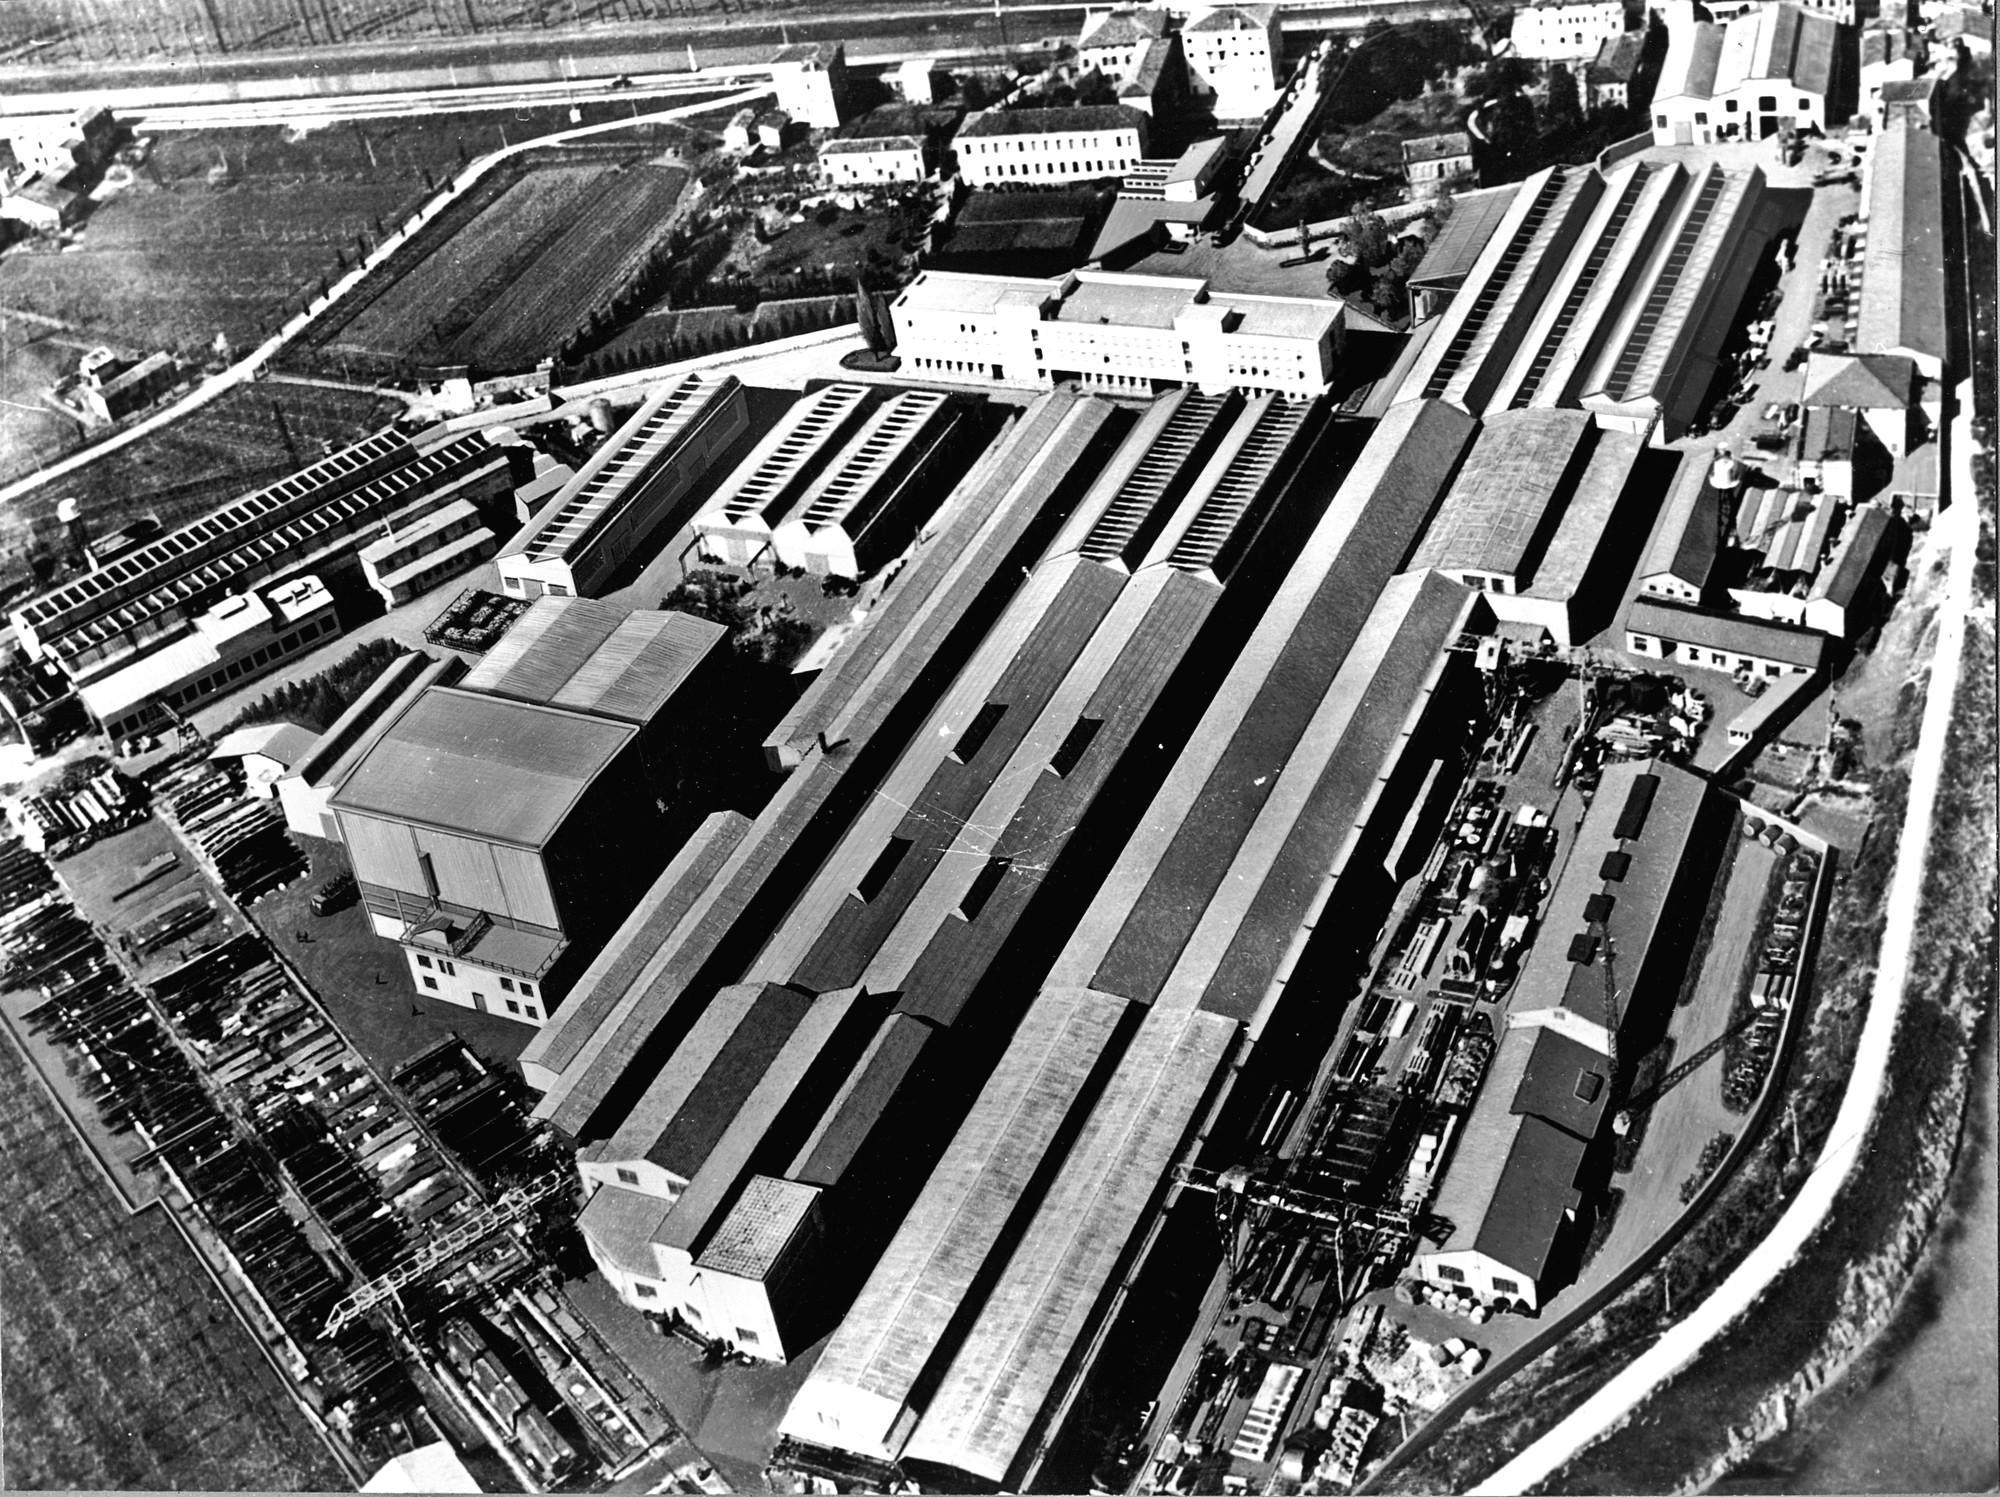 Officine Galileo di Battaglia Terme, foto aerea del 1965.